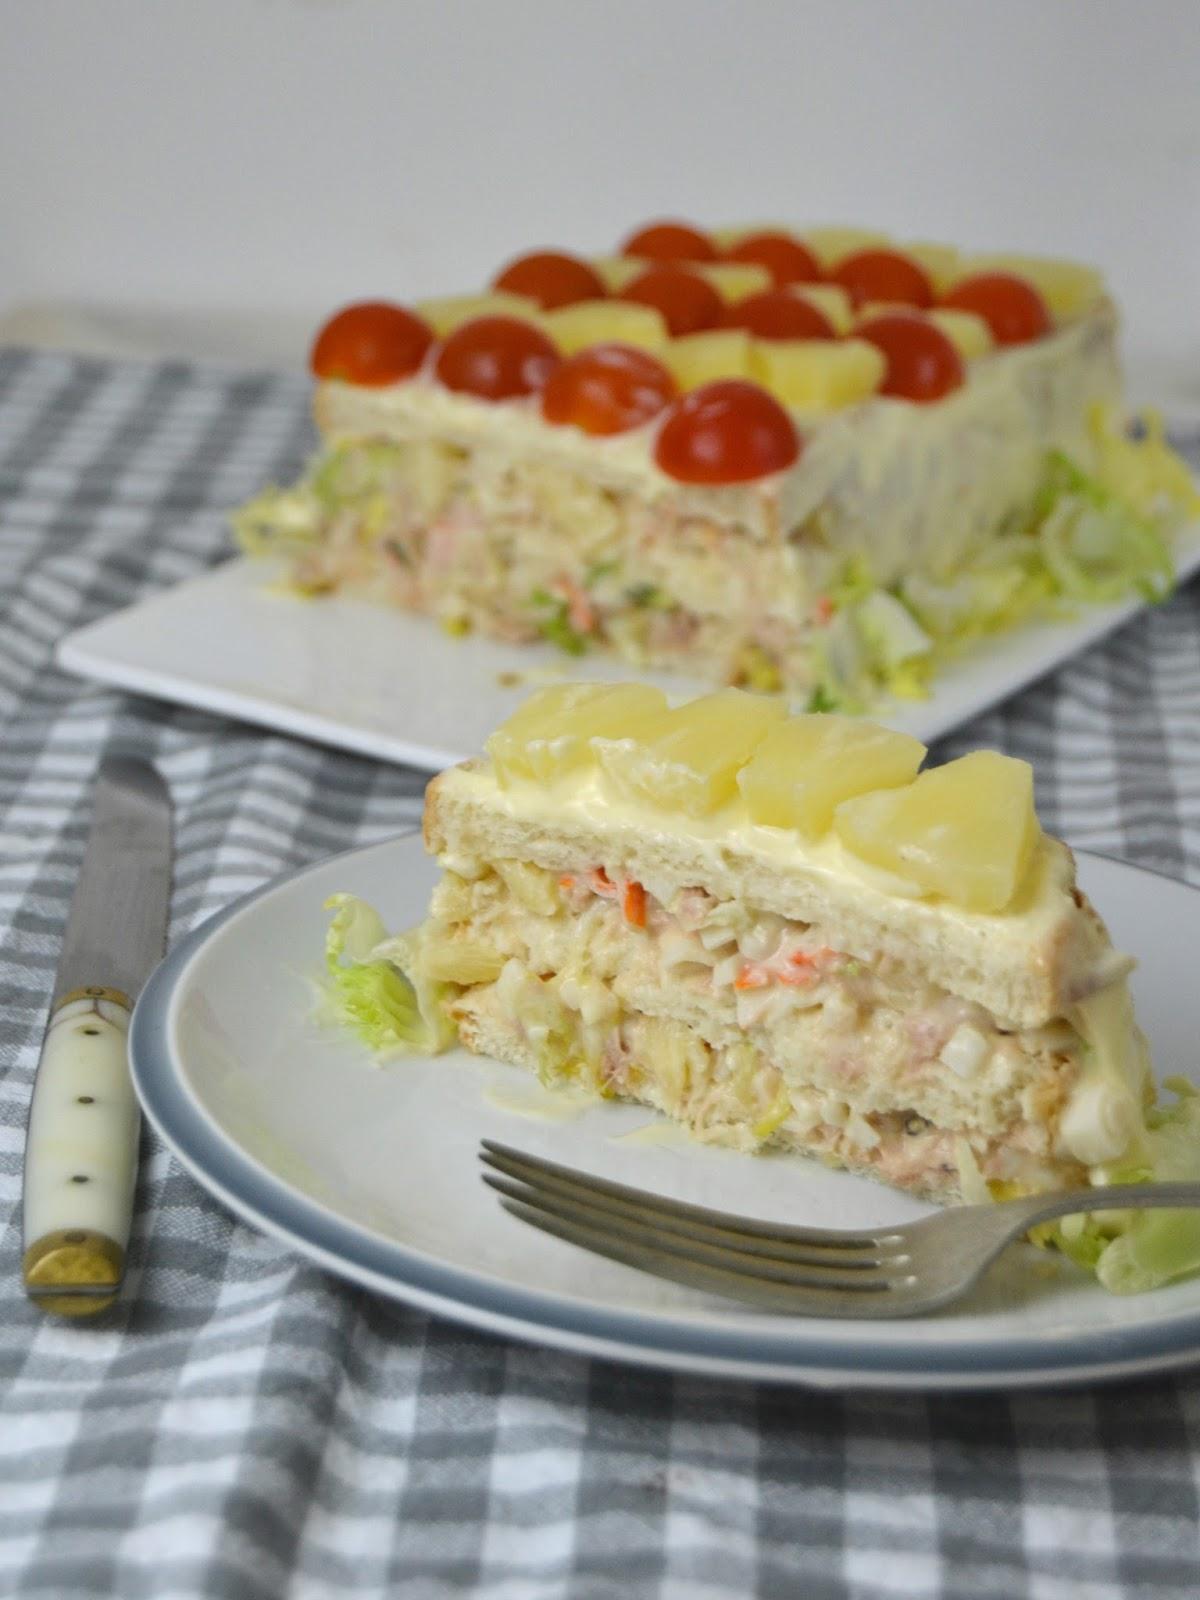 Pastel fro de atn pia y surimi con pan de molde Fcilisimo